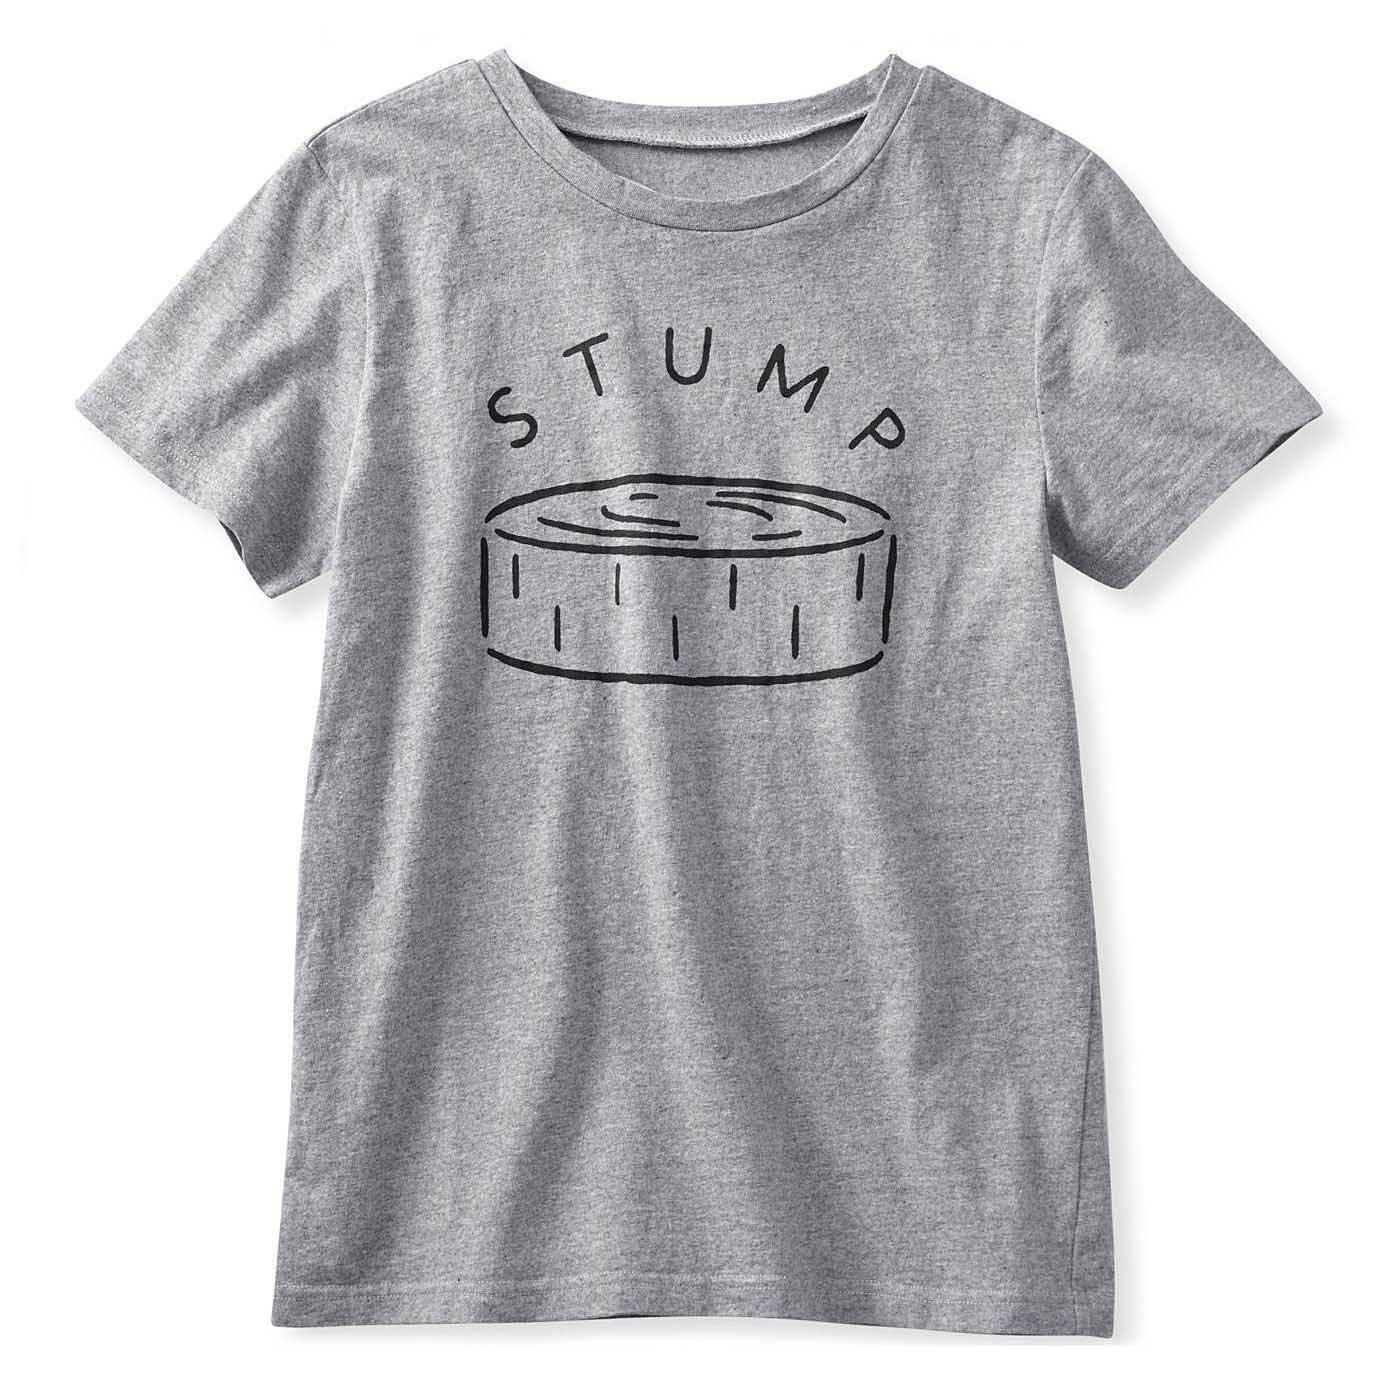 イラストレーターの山内庸資(やまうちようすけ)さんとつくった コミュニケーションTシャツ〈オトナ〉〈グレー杢〉